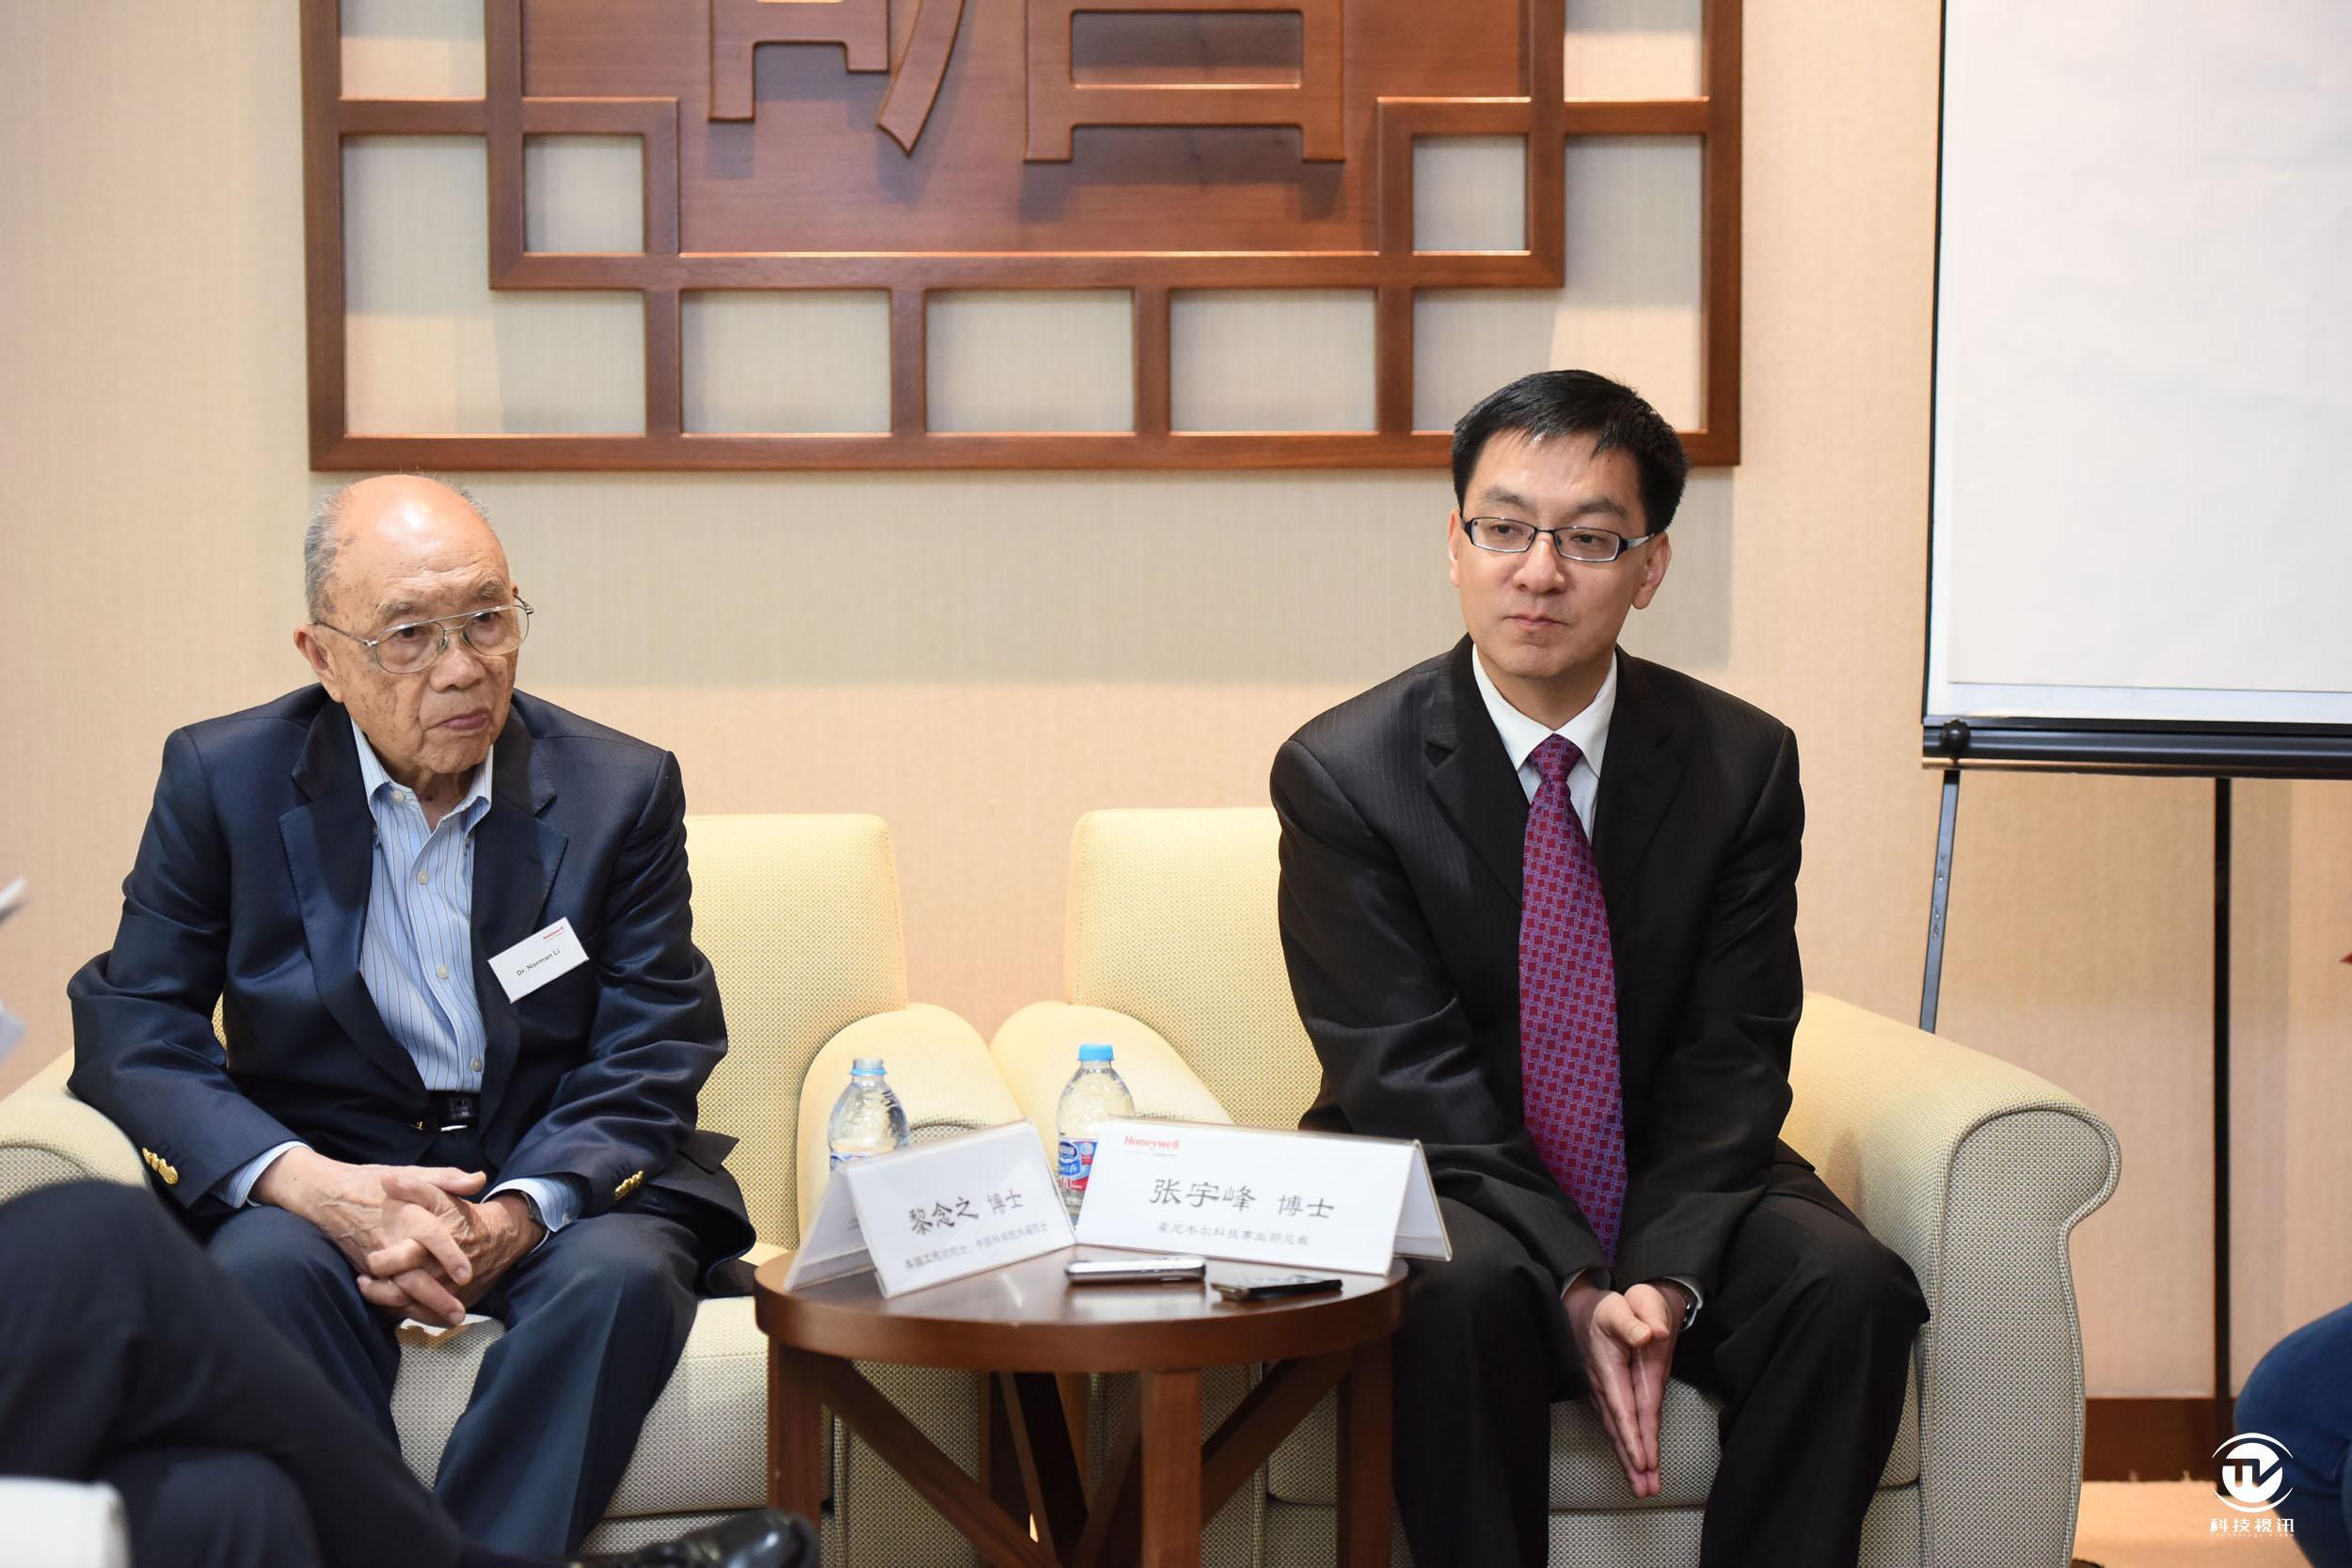 霍尼韦尔科技事业部总裁张宇峰博士、美籍华裔科学家黎念之.JPG